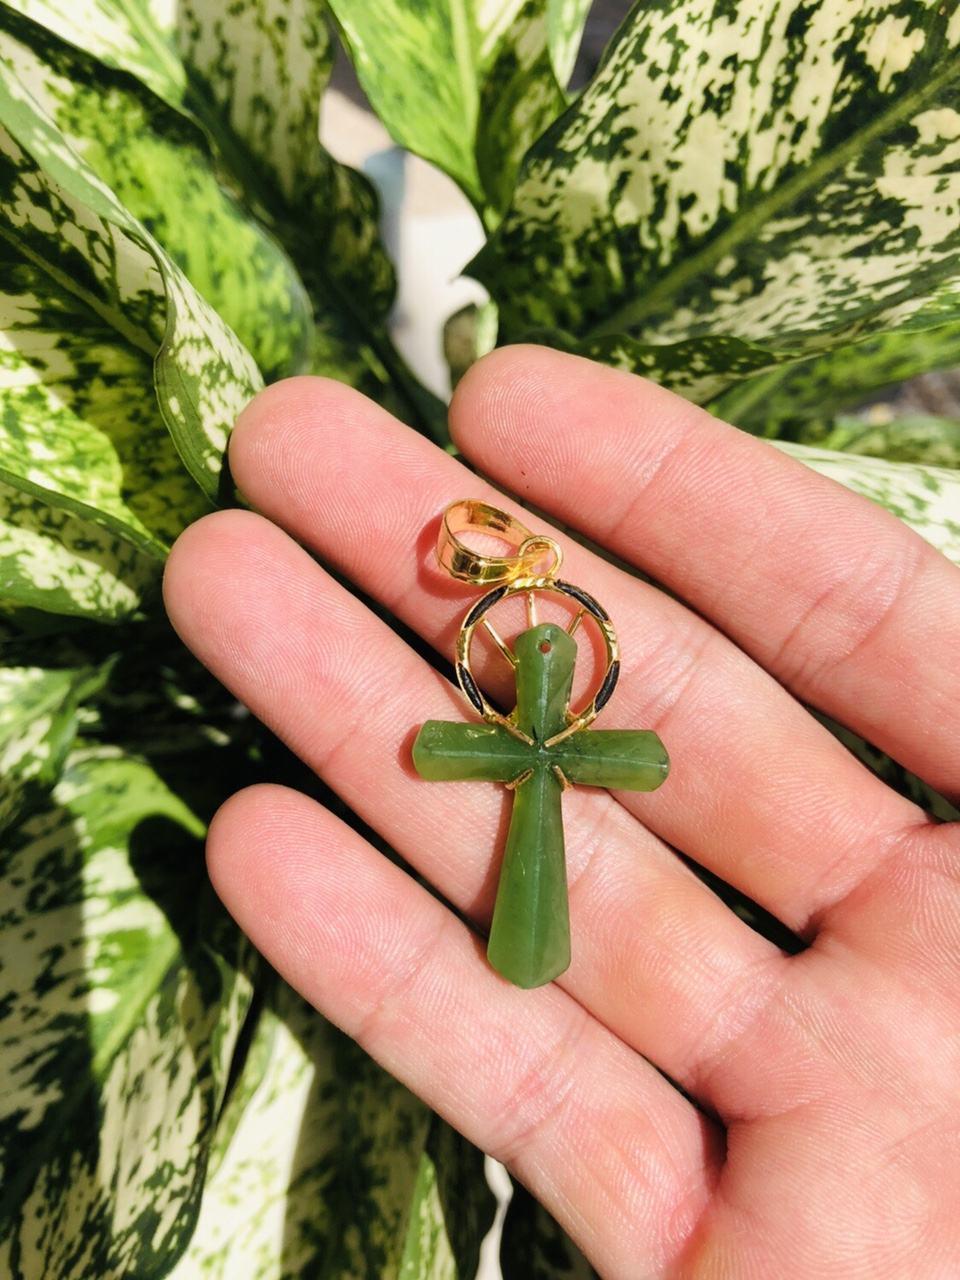 Mặt dây hình Thánh giá bằng ngọc bích bọc vàng sang trọng